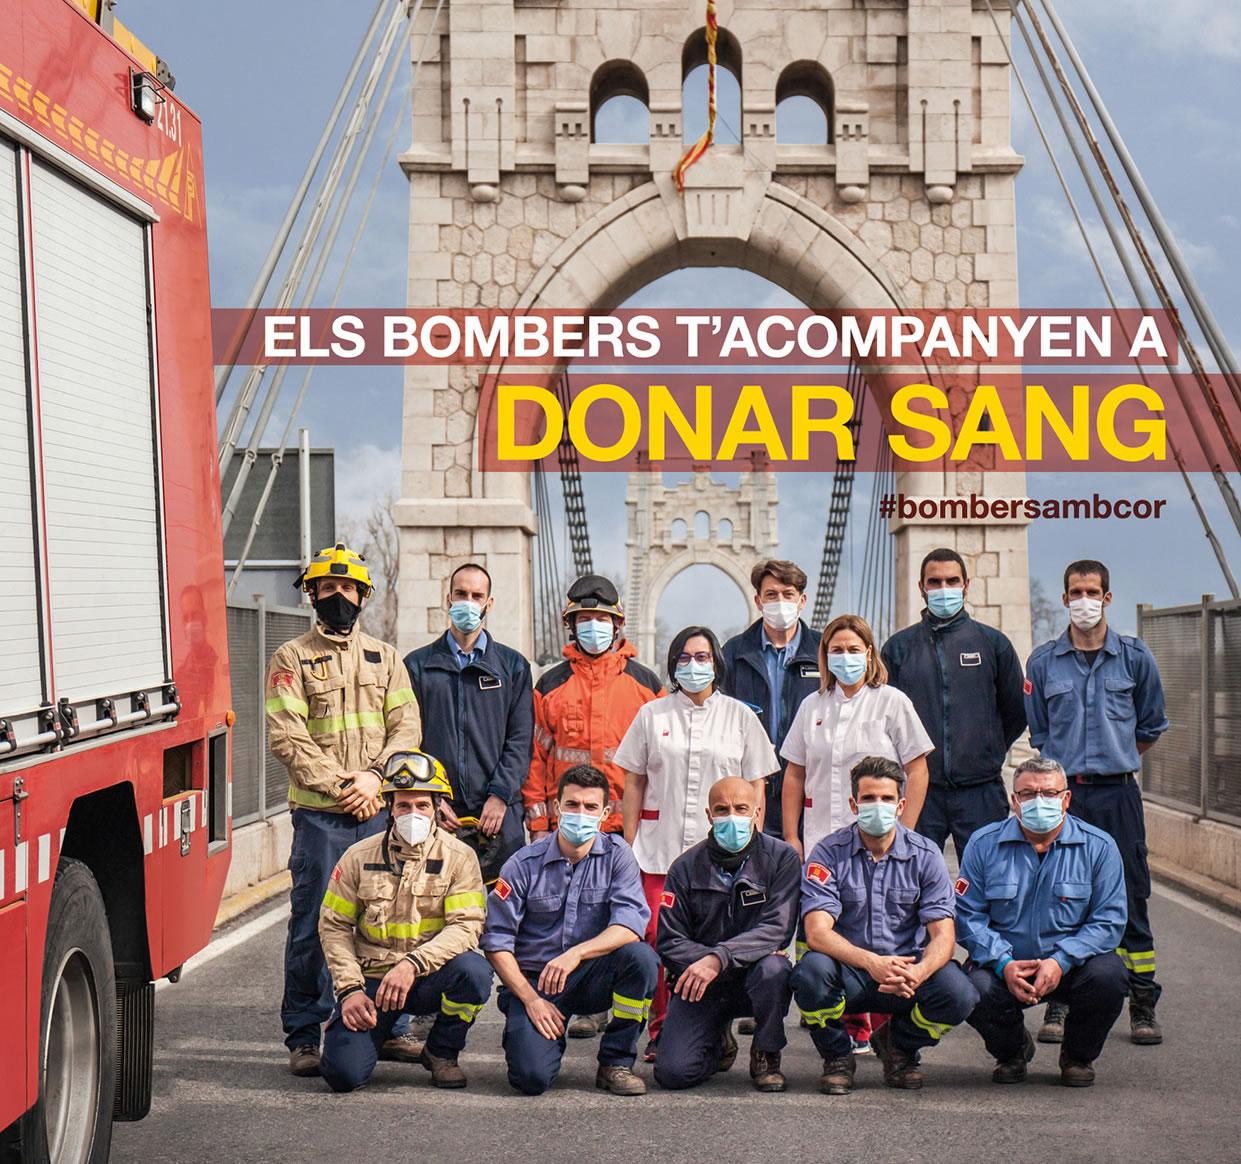 El 17 d'abril, els bombers t'acompanyen a donar sang